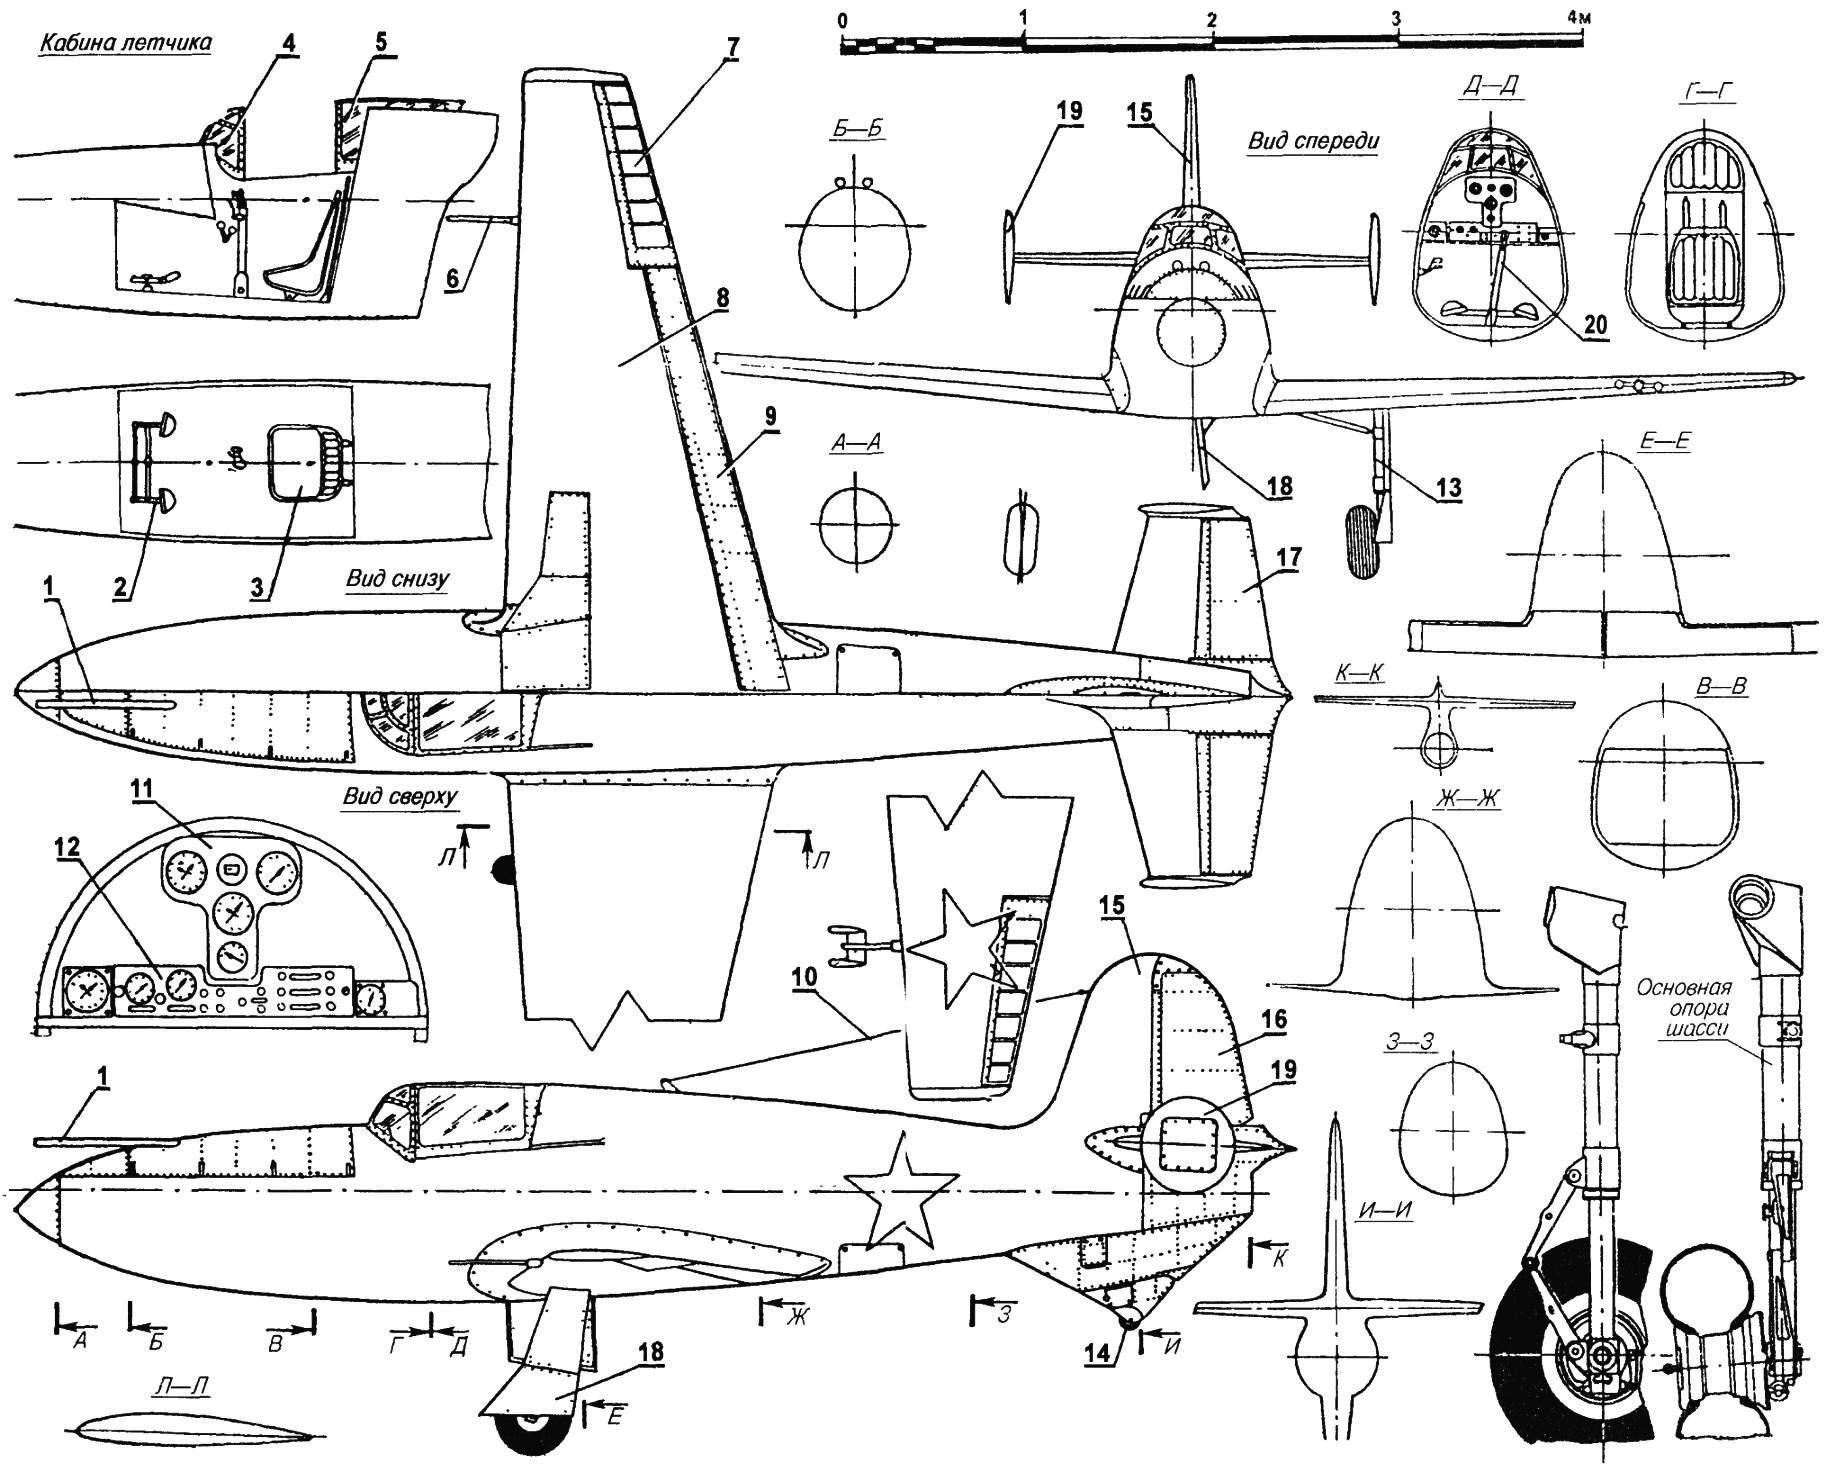 Первый отечественный ракетный самолет БИ-1